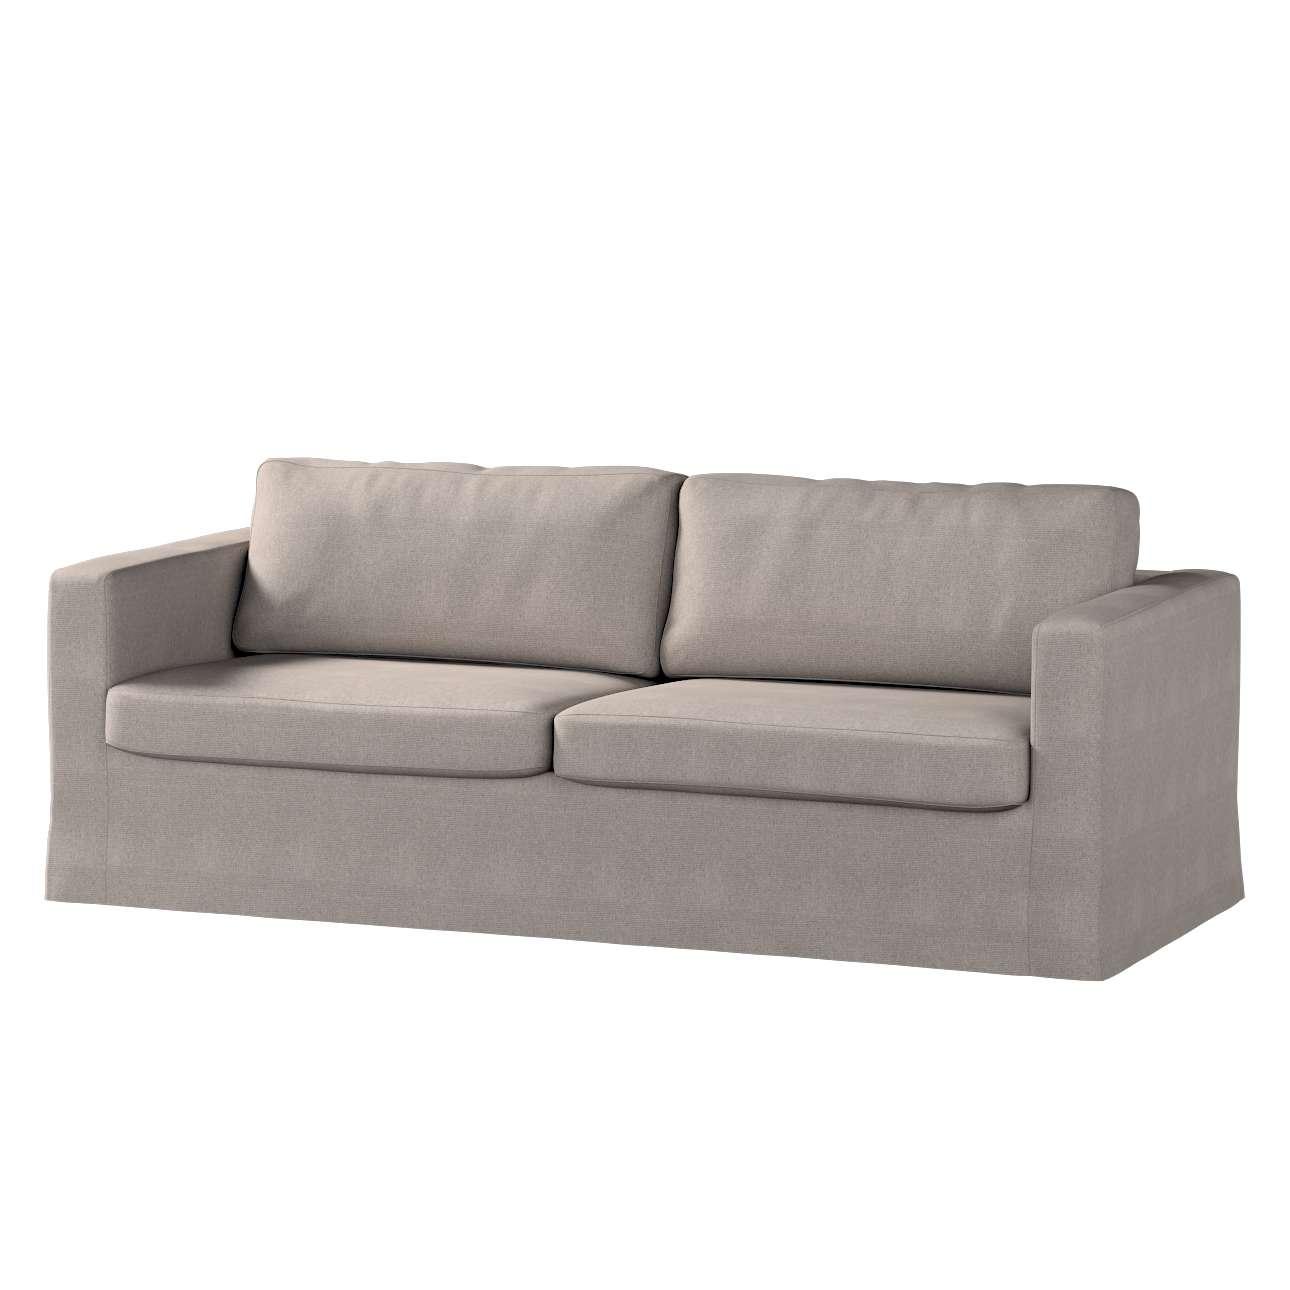 Pokrowiec na sofę Karlstad 3-osobową nierozkładaną, długi Sofa Karlstad 3-osobowa w kolekcji Etna , tkanina: 705-09